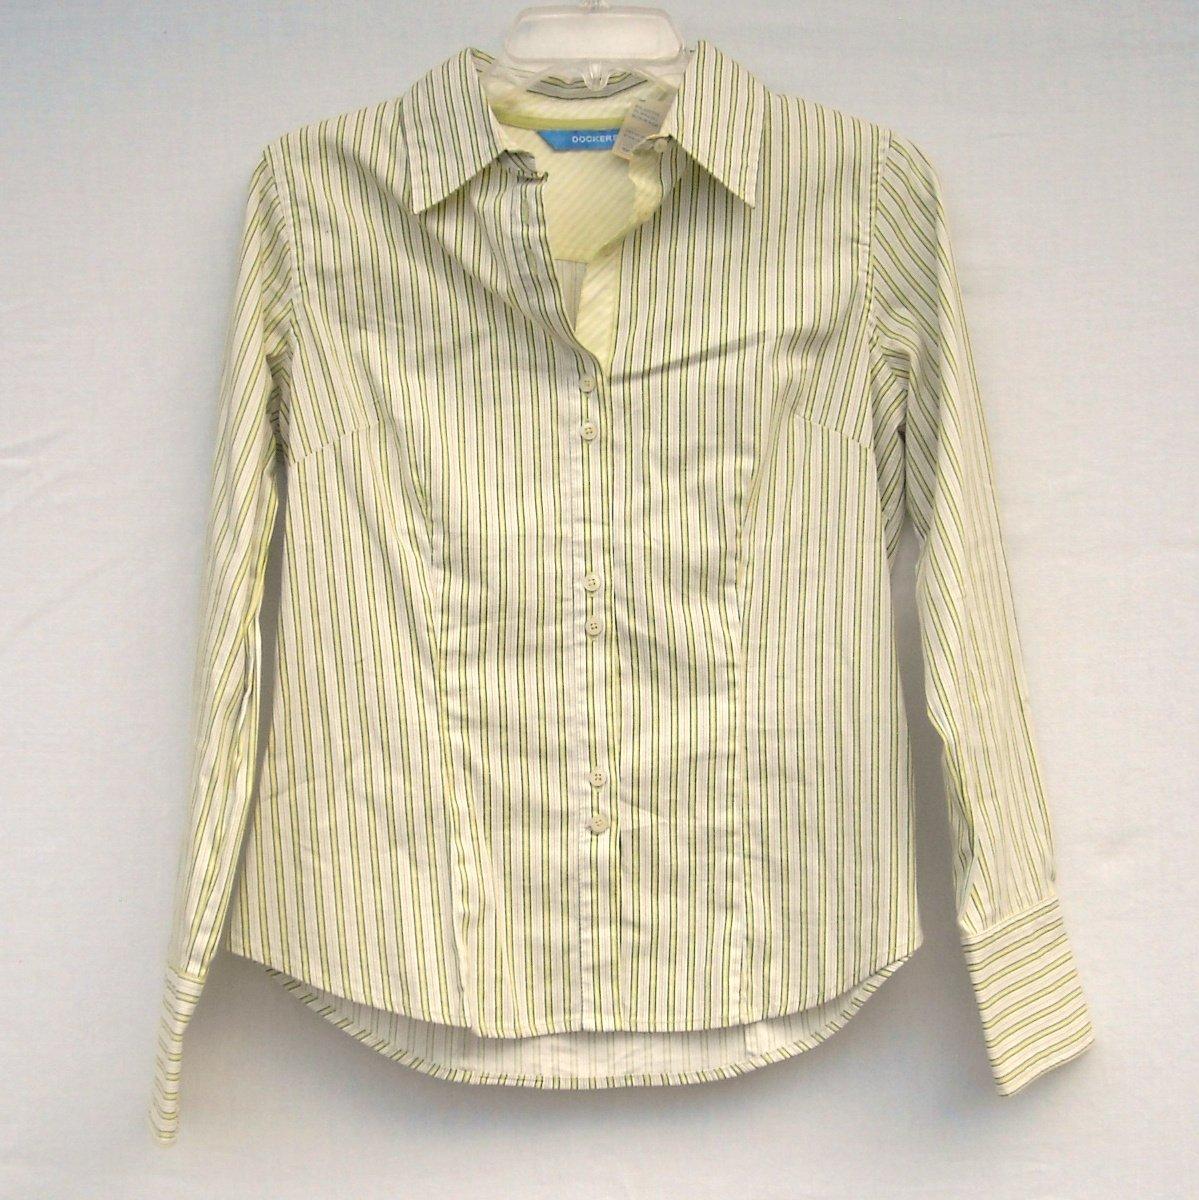 Dockers Misses Striped Cotton Blend Blouse Shirt Size S